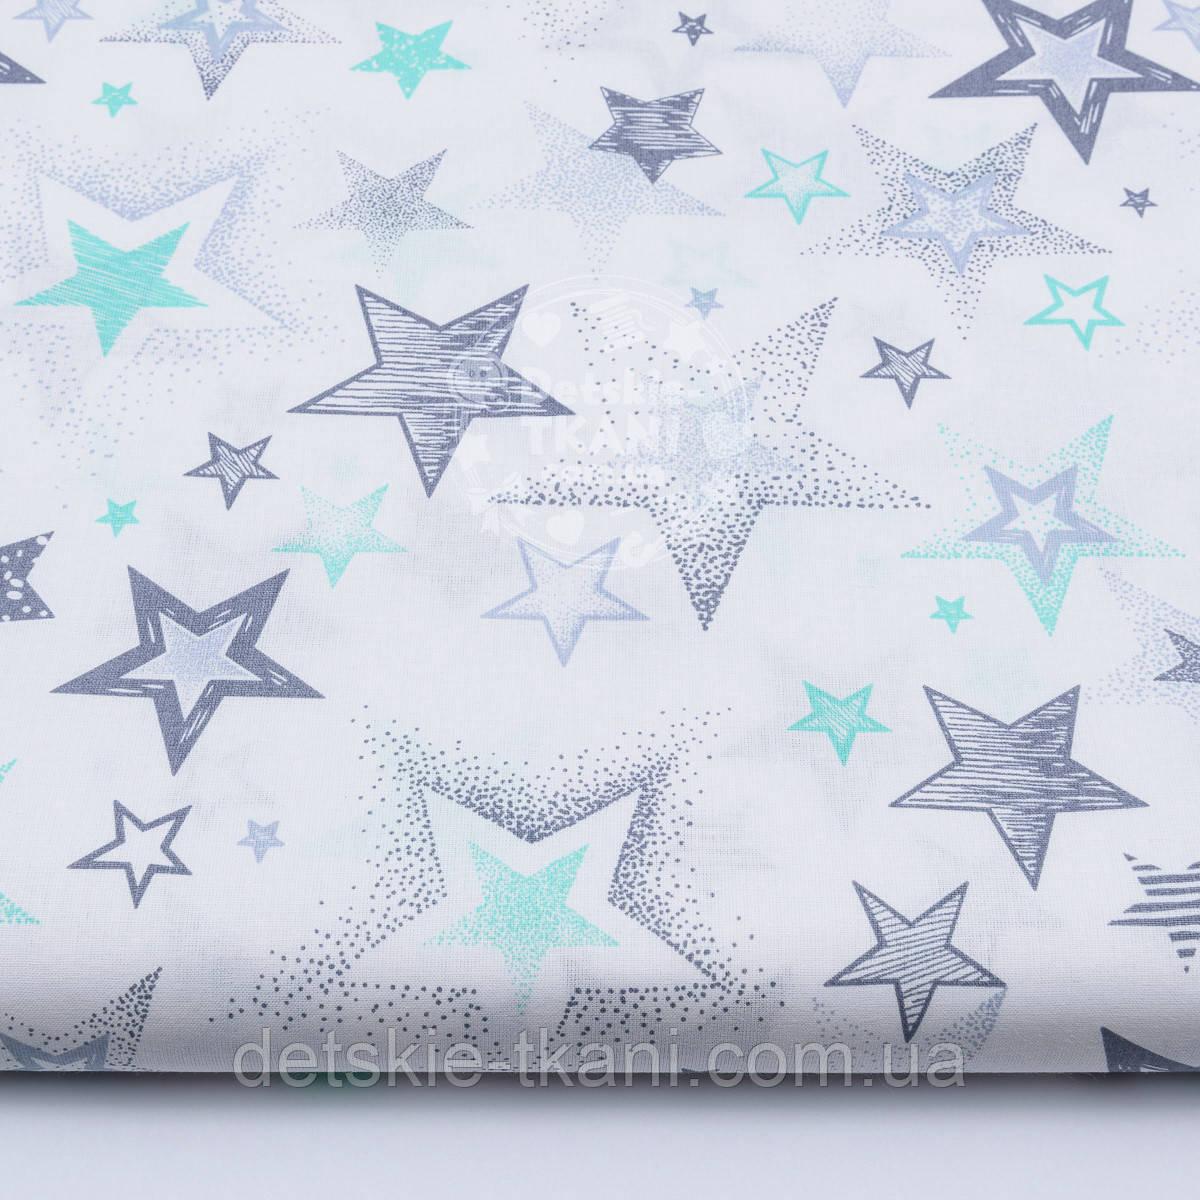 """Ткань хлопковая """"Звёзды с напылением"""" мятные, серые (№ 1484)"""